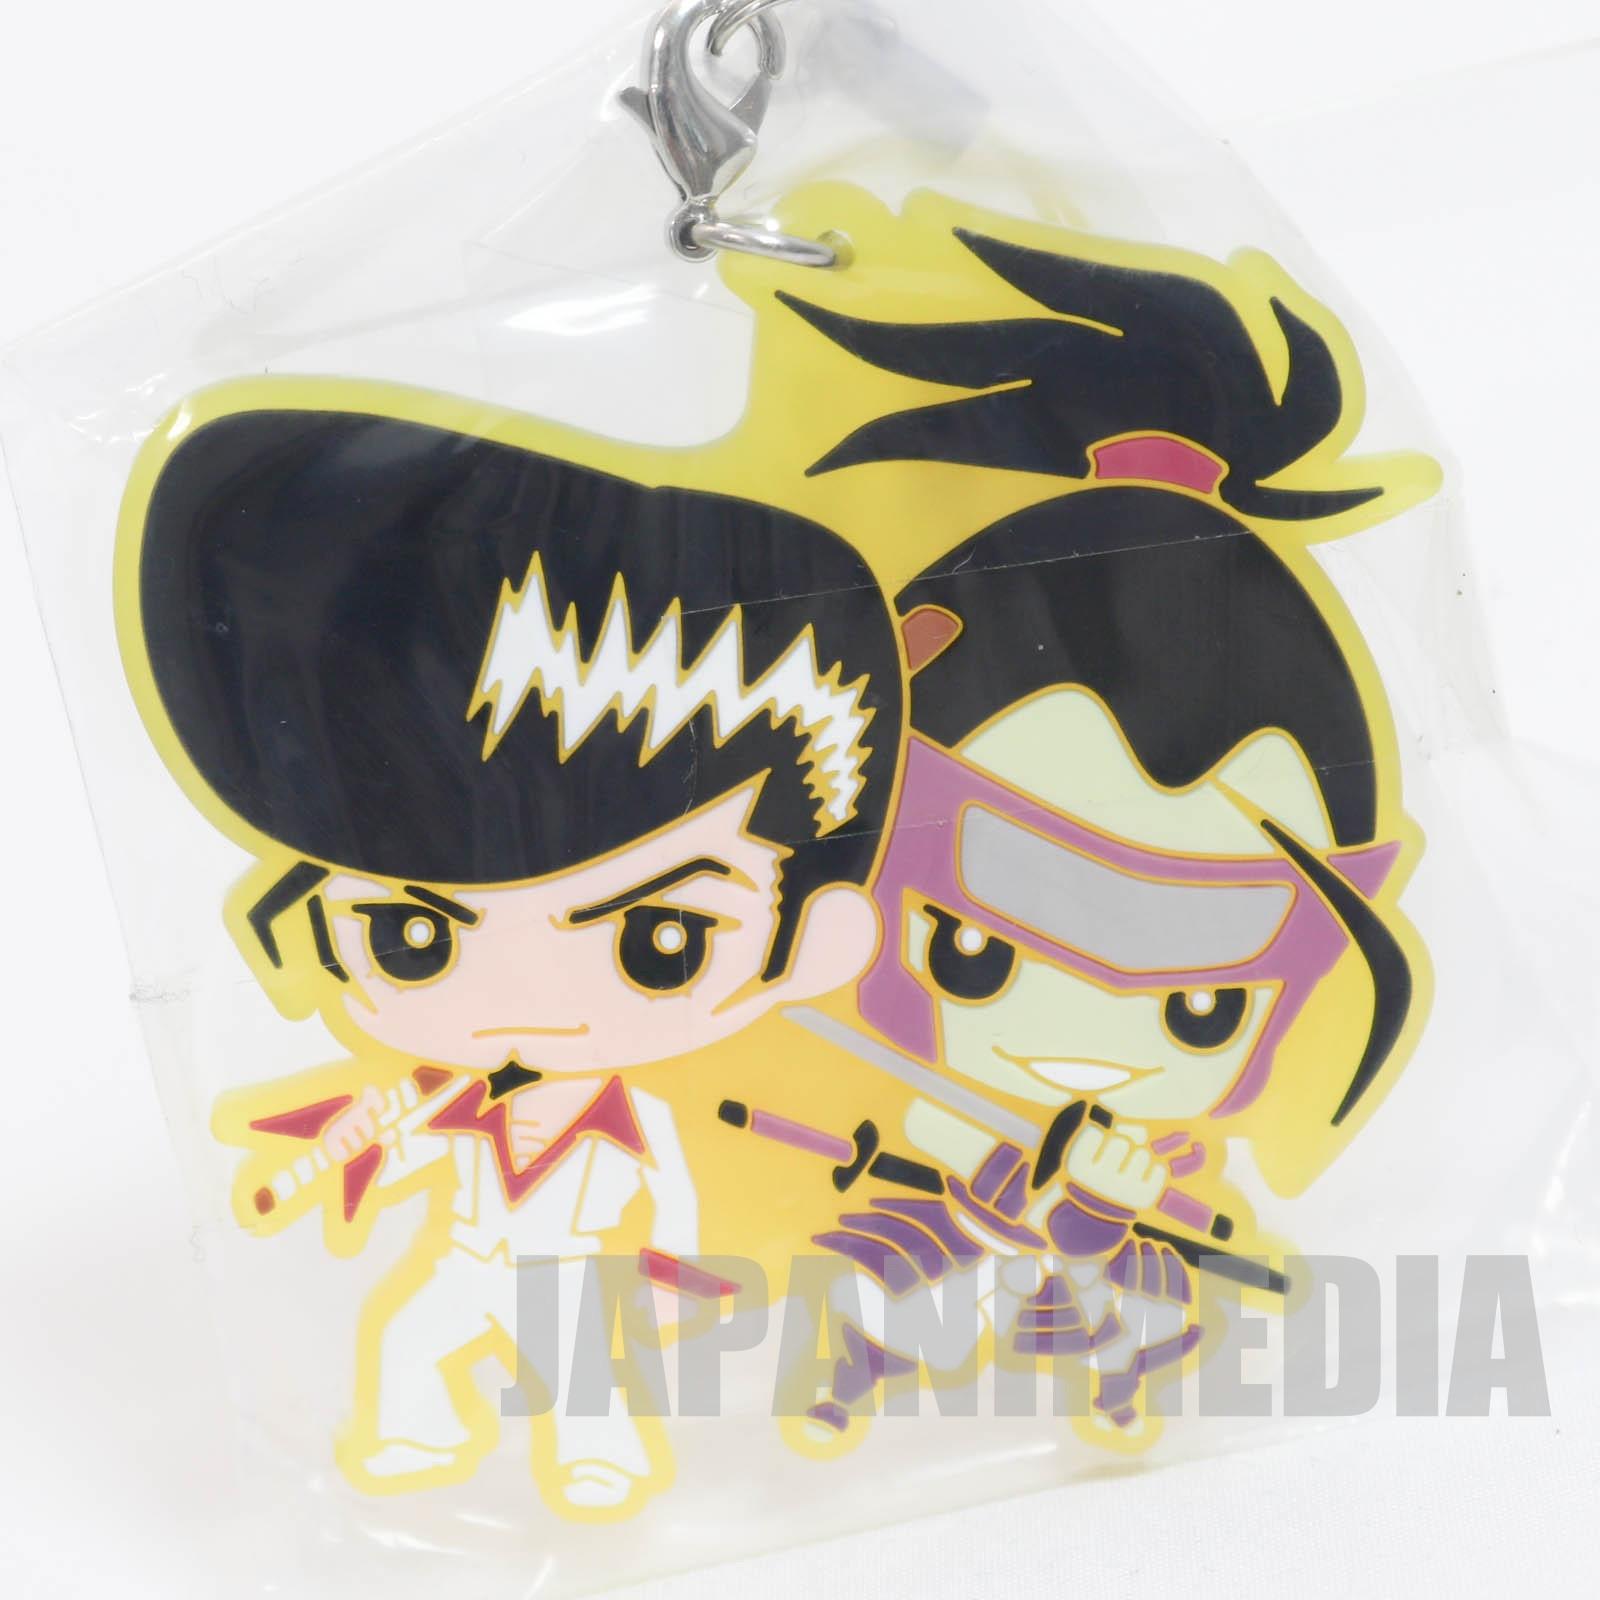 Shaman King Ryunosuke Umemiya & Tokagero Capsule Rubber mascot strap 3 JAPAN MANGA